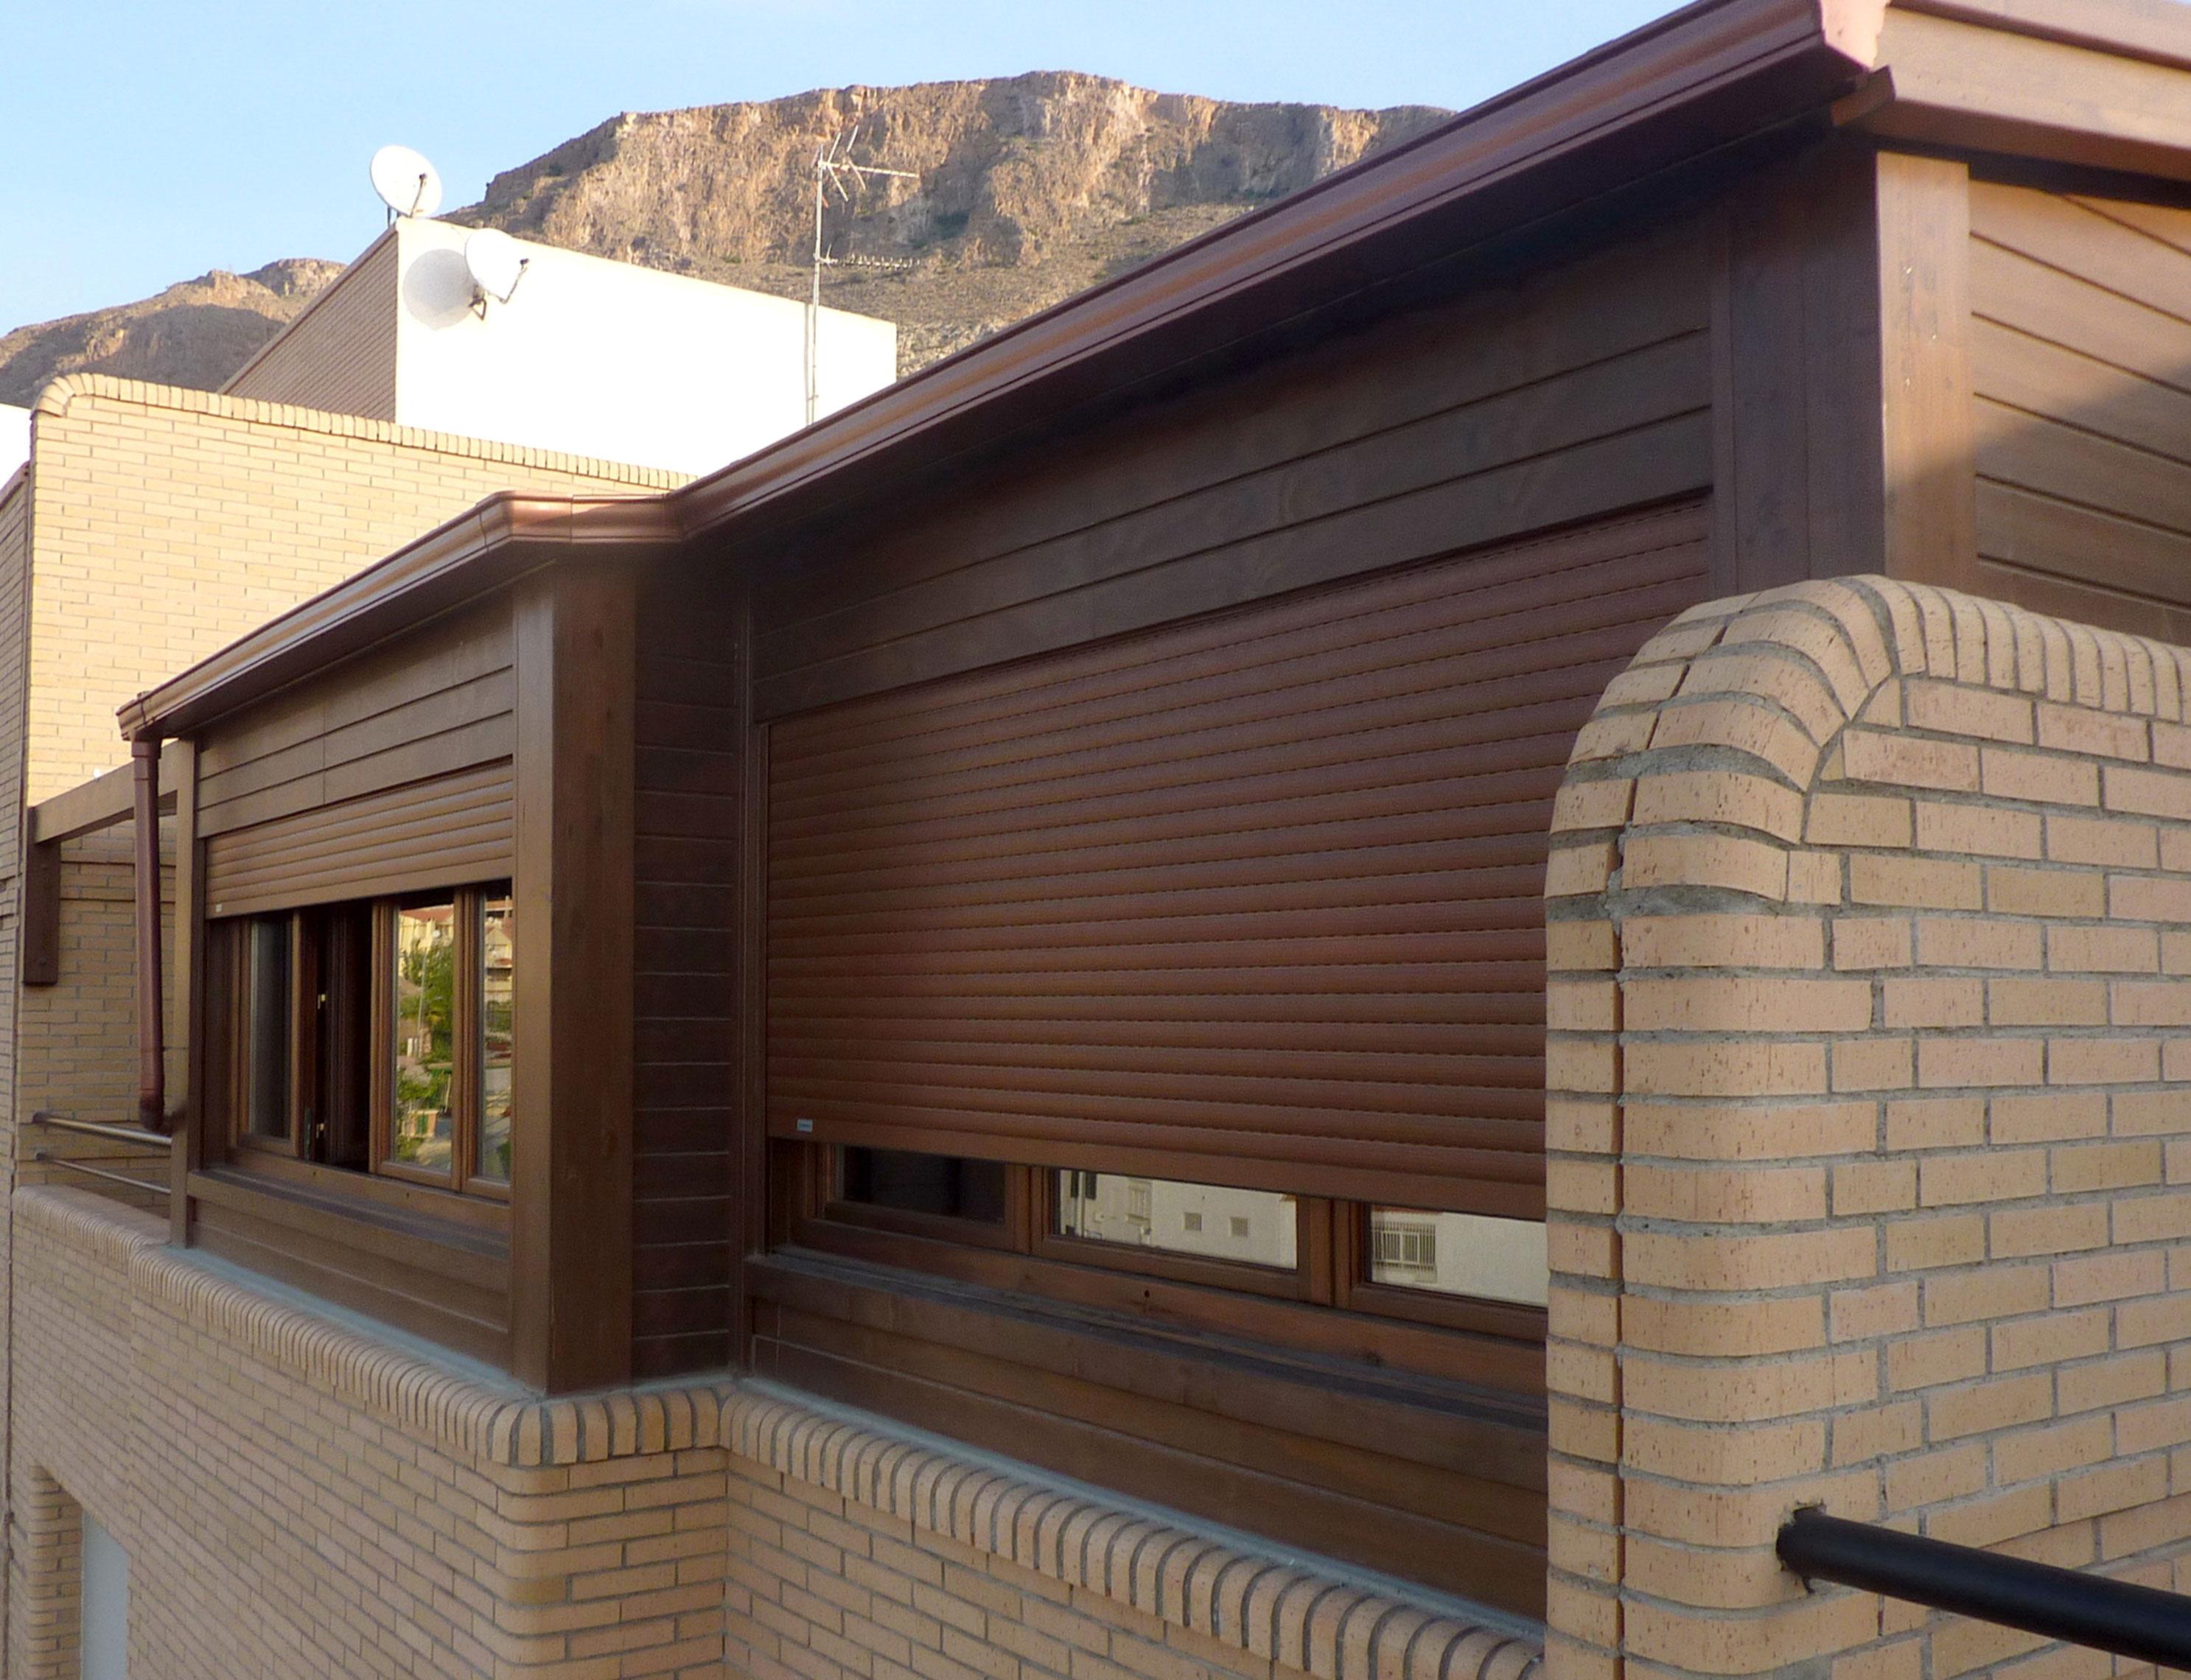 Ideas para cerrar una terraza fabulous en este artculo conocers ideas para cerrar tu terraza - Cerrar terraza atico ...